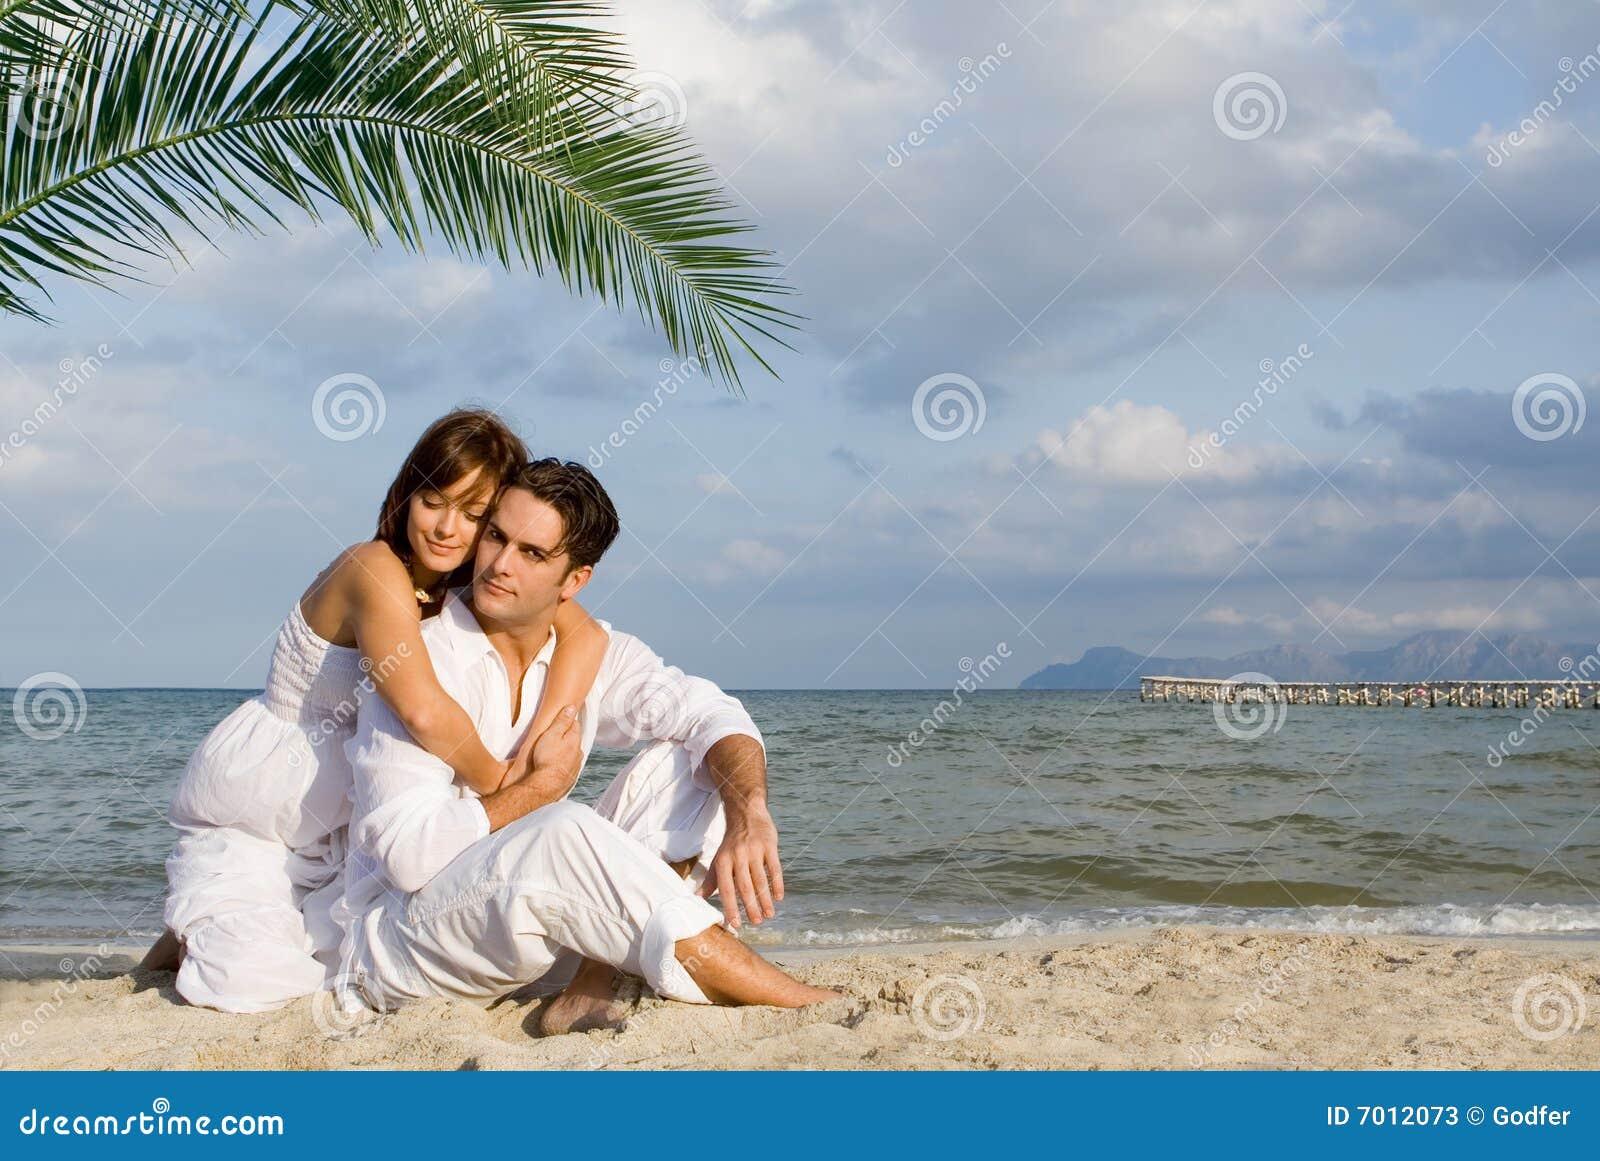 Пара влюбленных на пляже фото